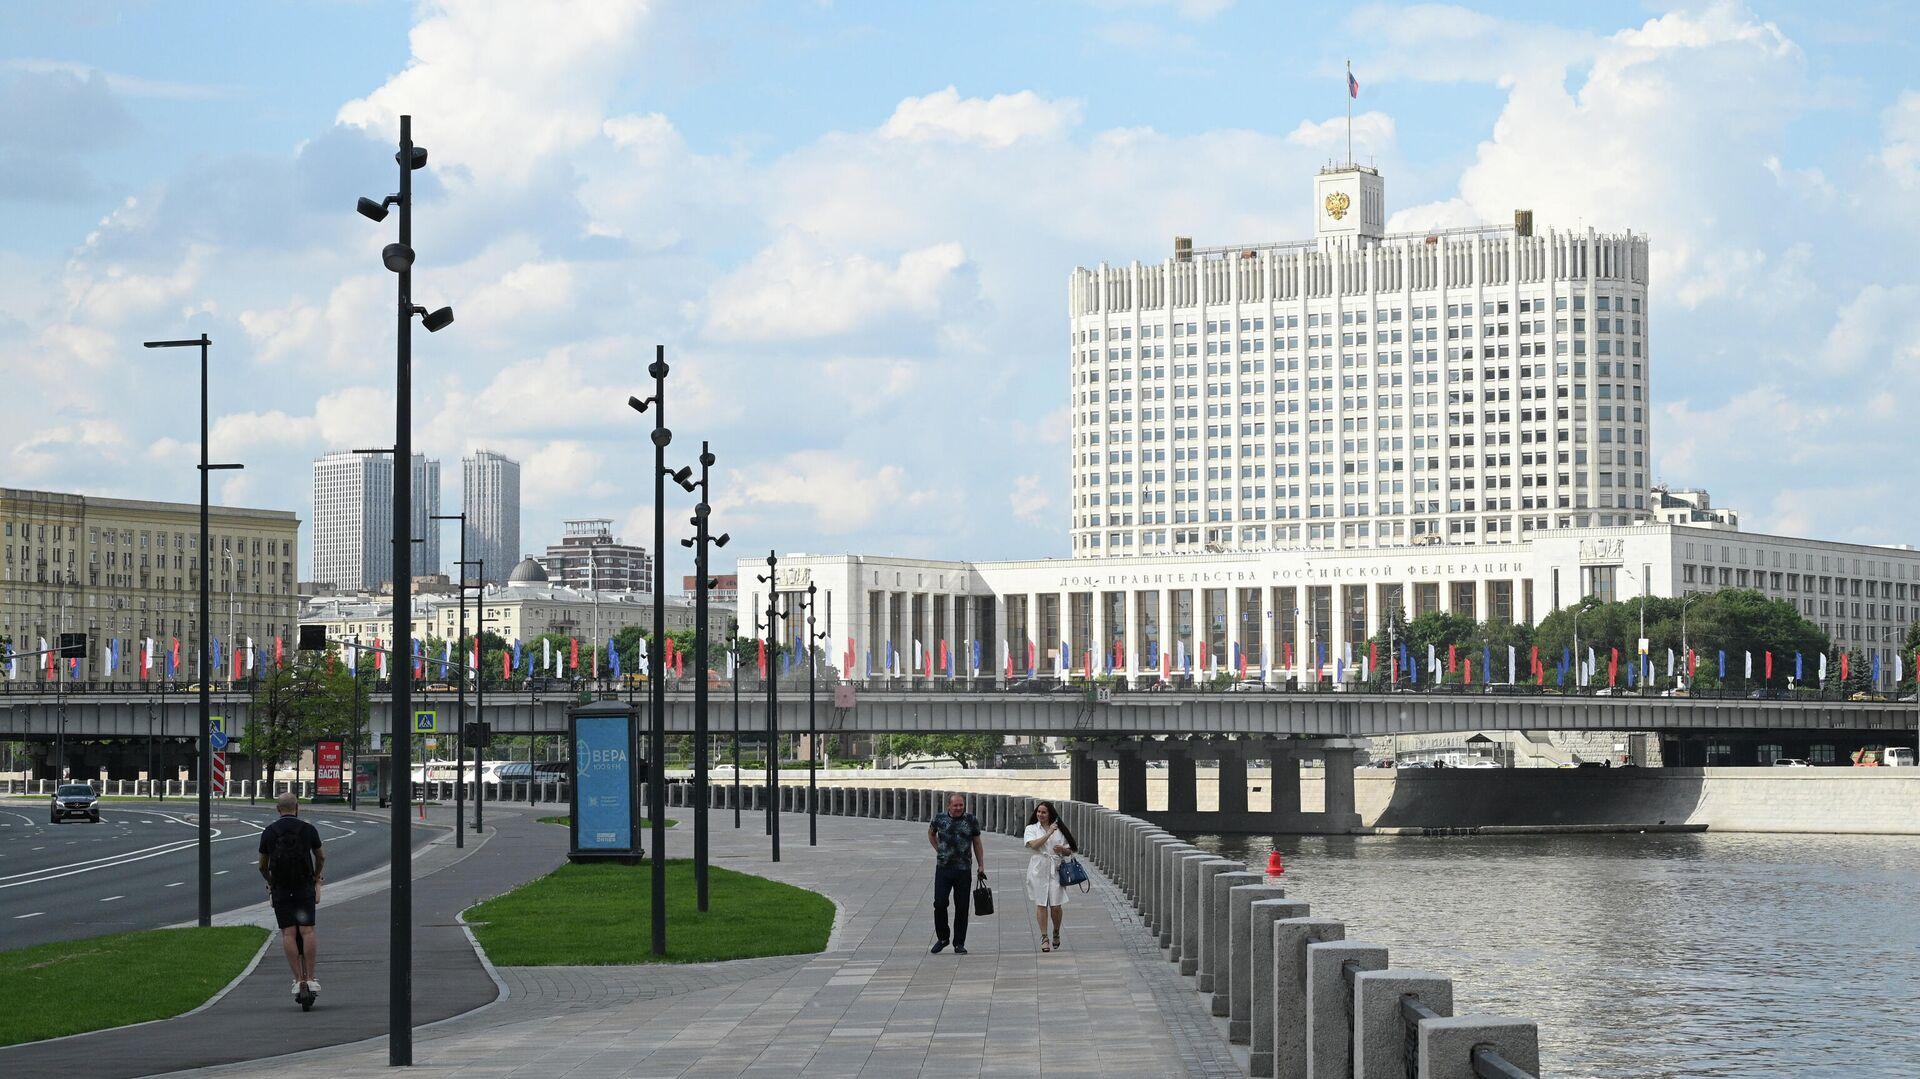 Вид на здание дома правительства Российской Федерации в Москве - РИА Новости, 1920, 29.09.2021